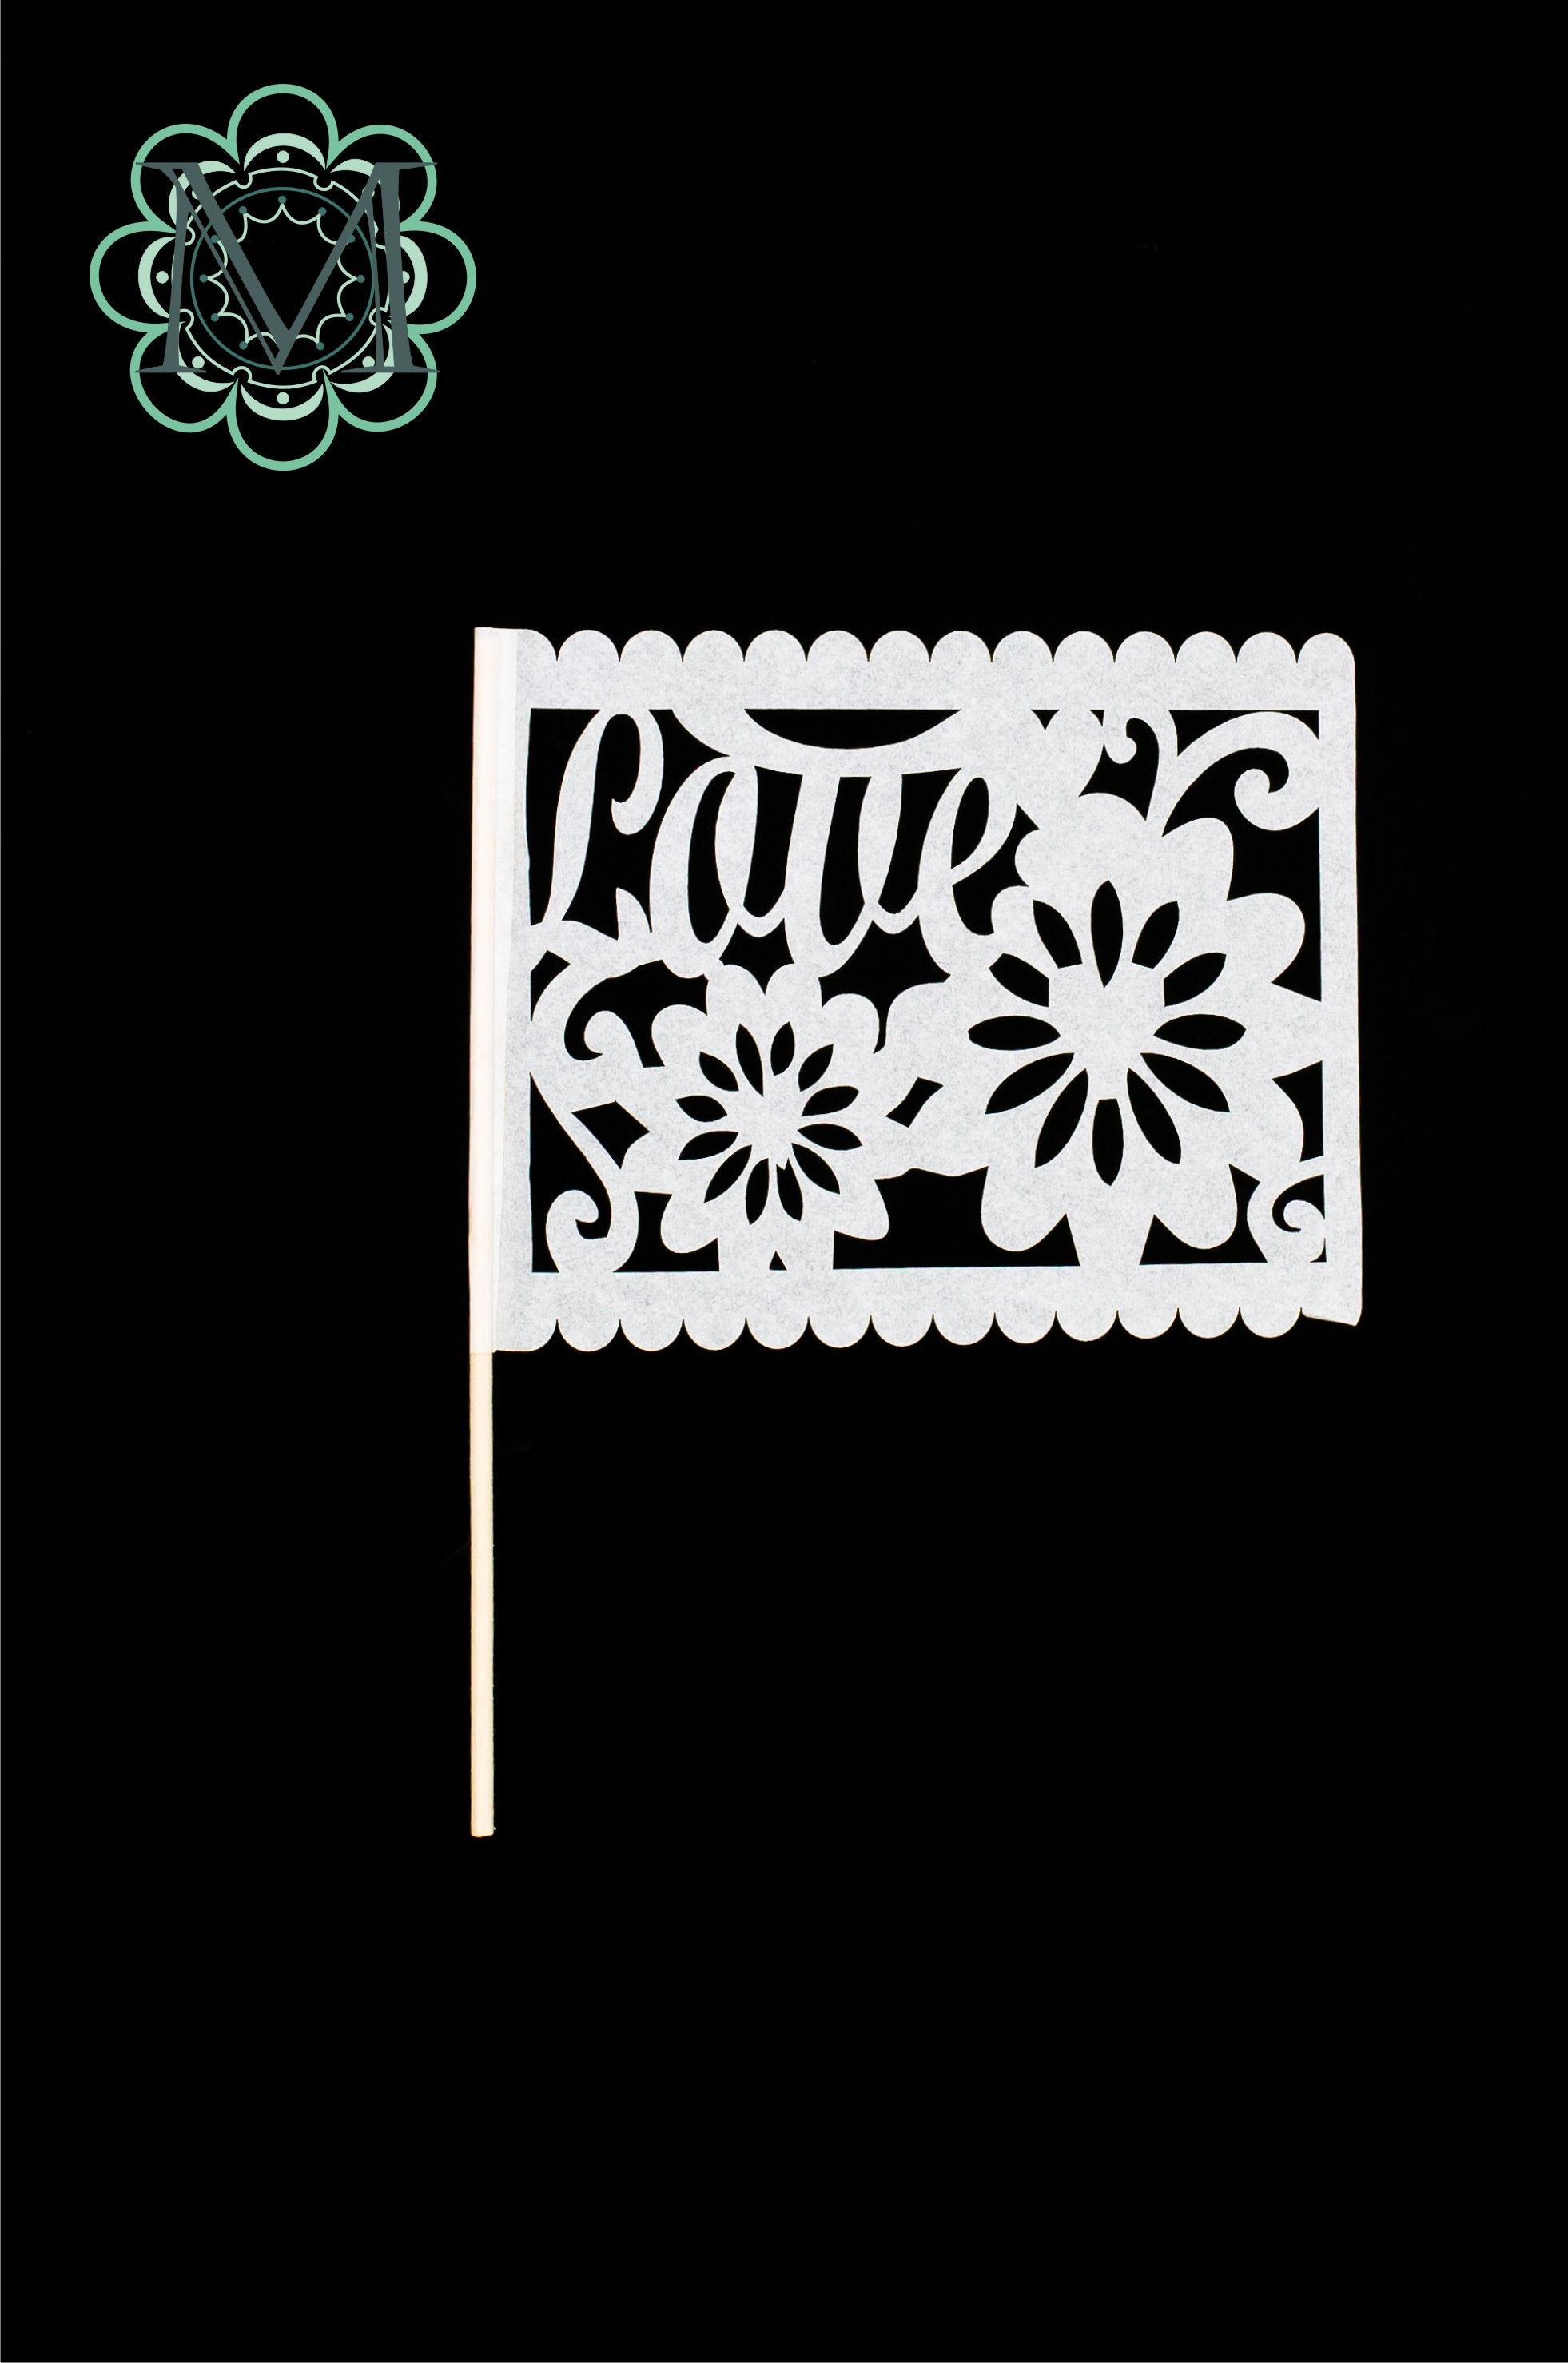 Banderin, papel con palito de madera. Pueden servir como animación en la fiesta, para recibir a los novios, para decorar las mesas.